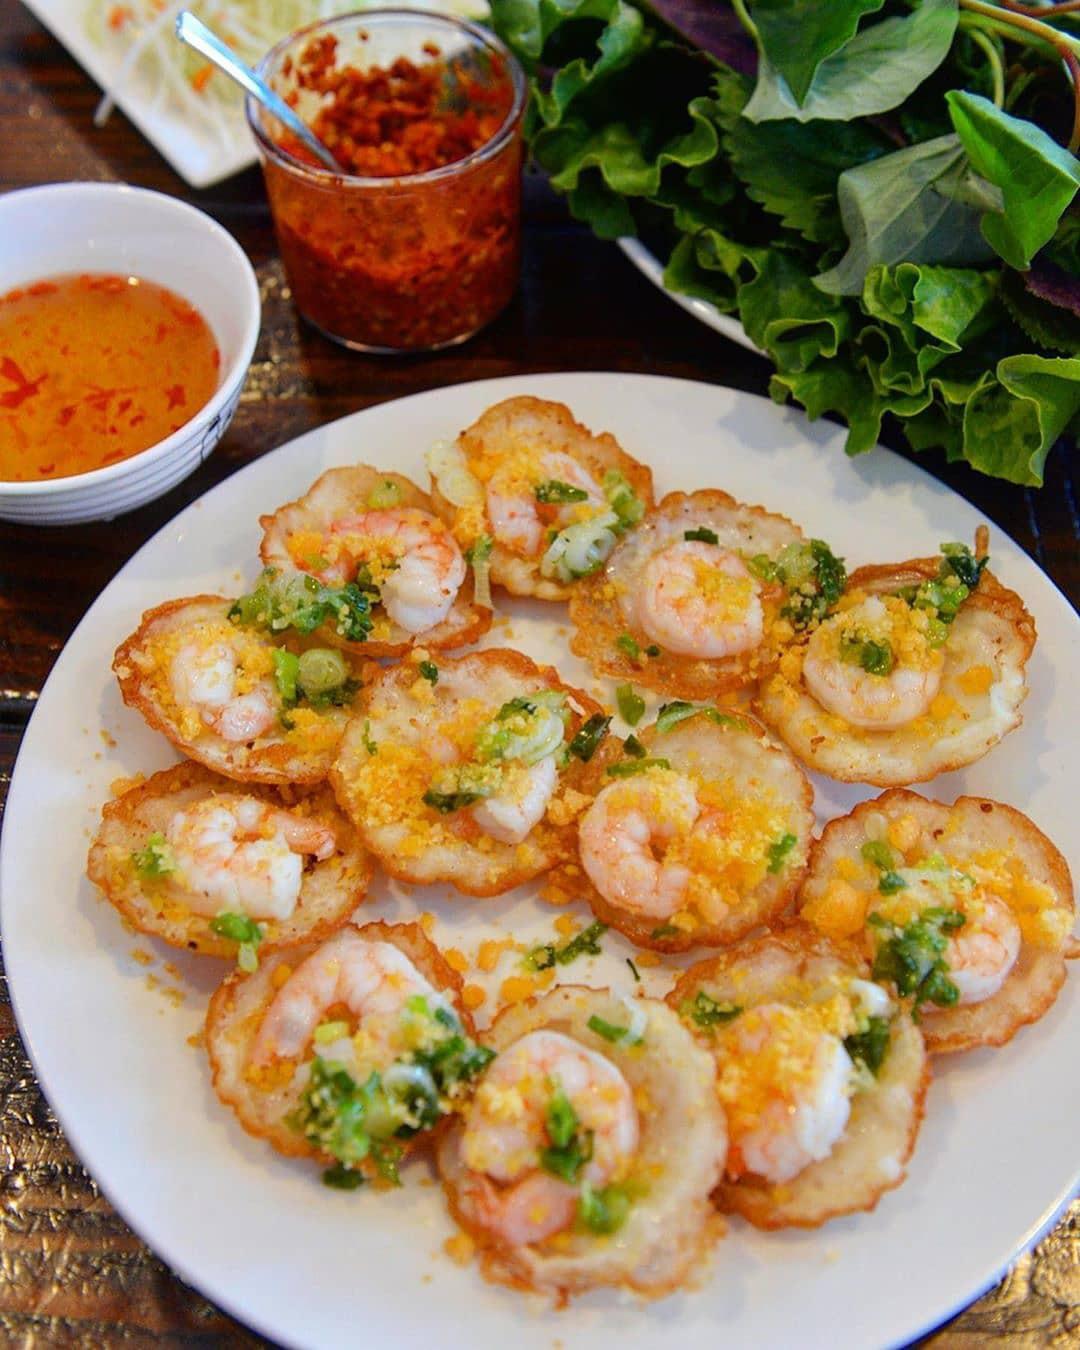 10 món bánh có tên gọi kỳ lạ nhất Việt Nam, toàn là đặc sản nức tiếng nhưng lại hiếm người biết - Ảnh 6.